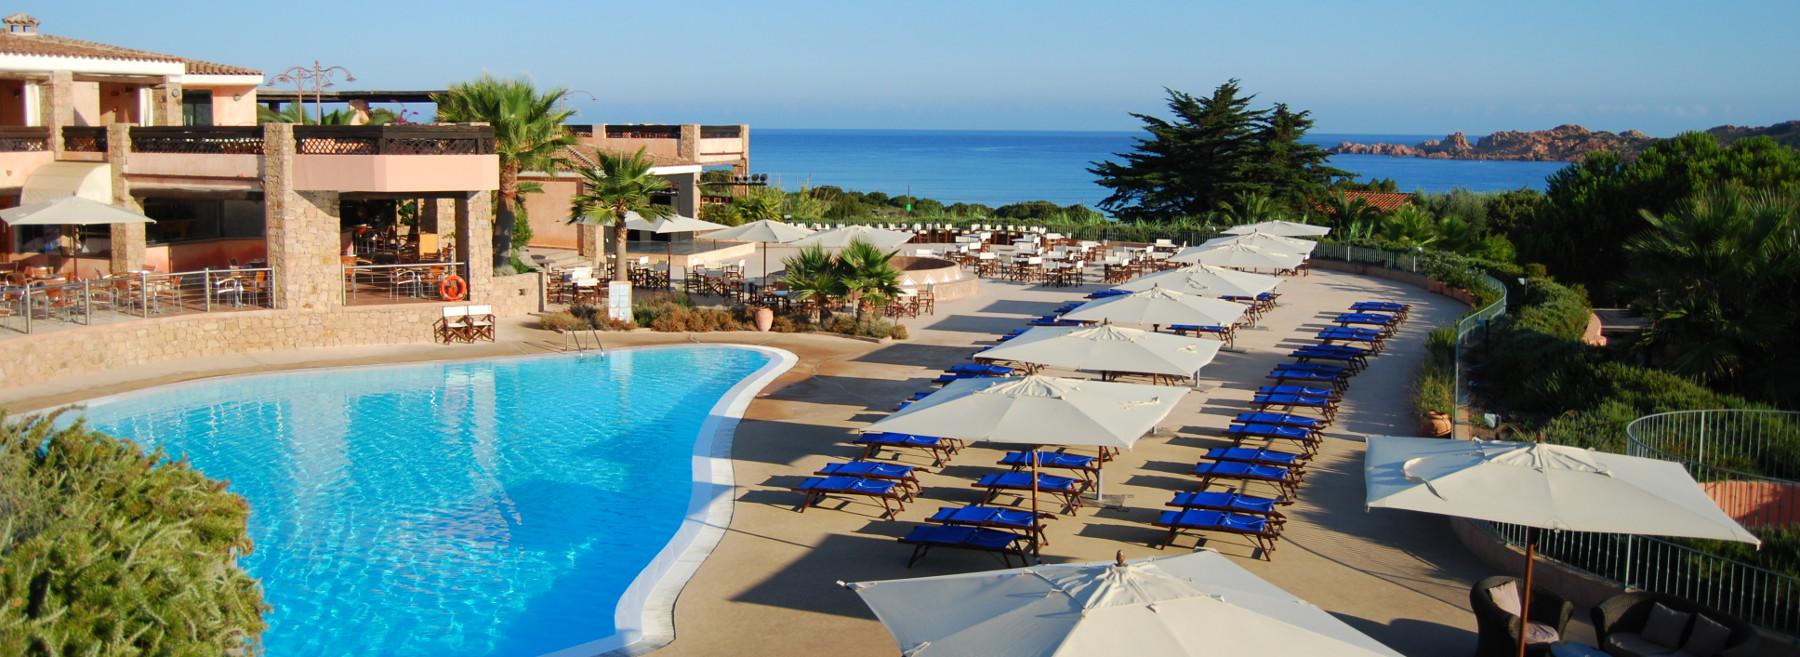 Delphina Lista de precios Hotel Marinedda 2017 Marinedda, Isola Rossa Cerdena - Italia